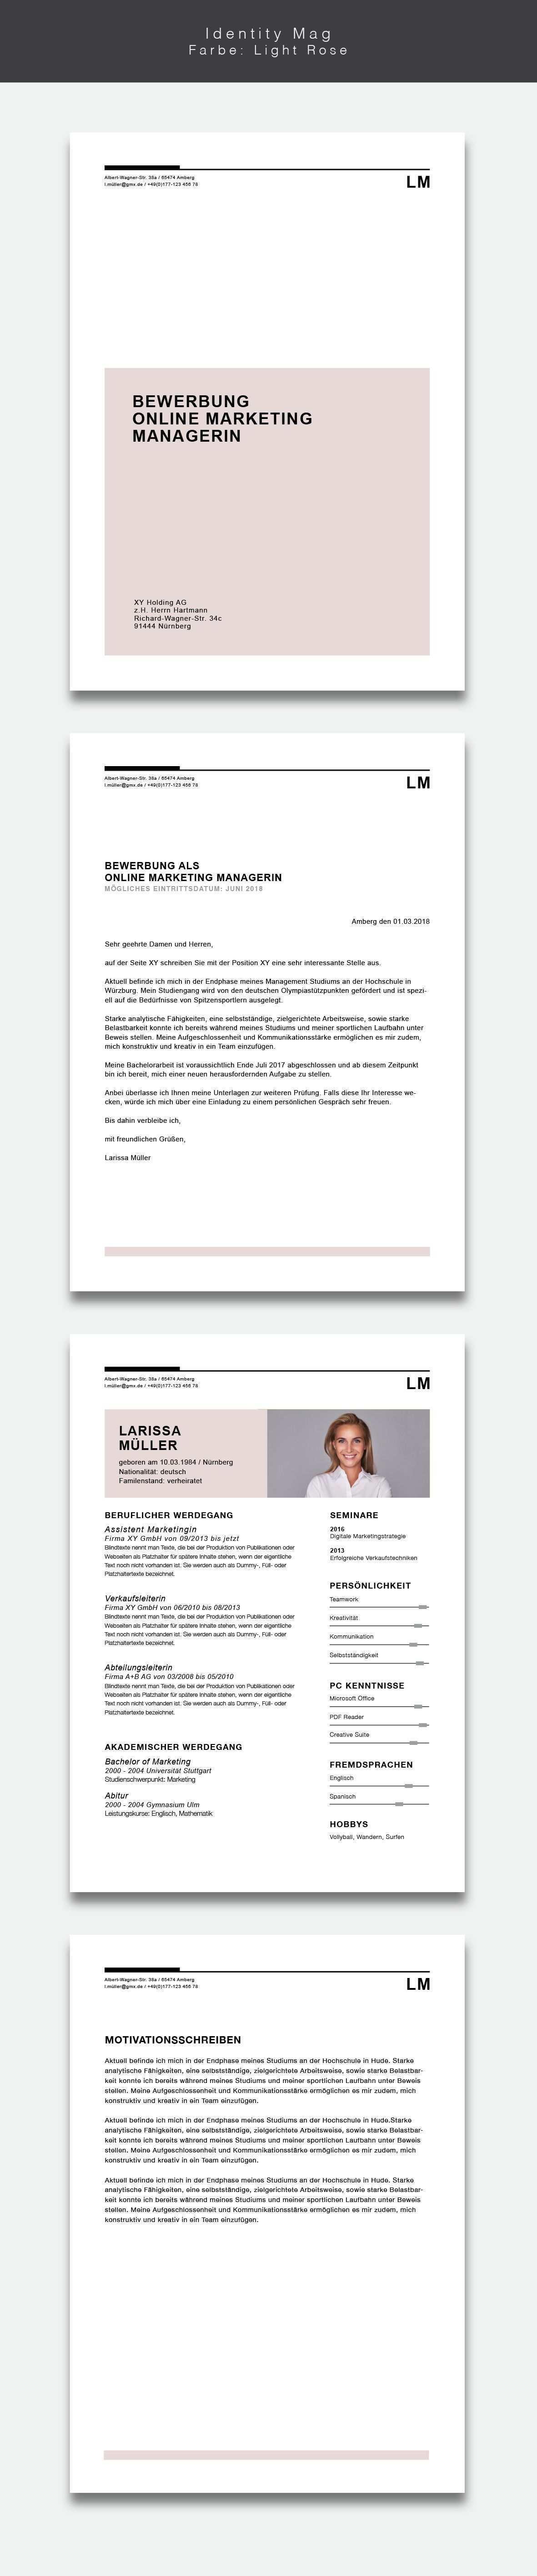 Bewerbungsvorlage Lebenslauf Identity Mag Bewerbung Lebenslauf Kreativer Lebenslauf